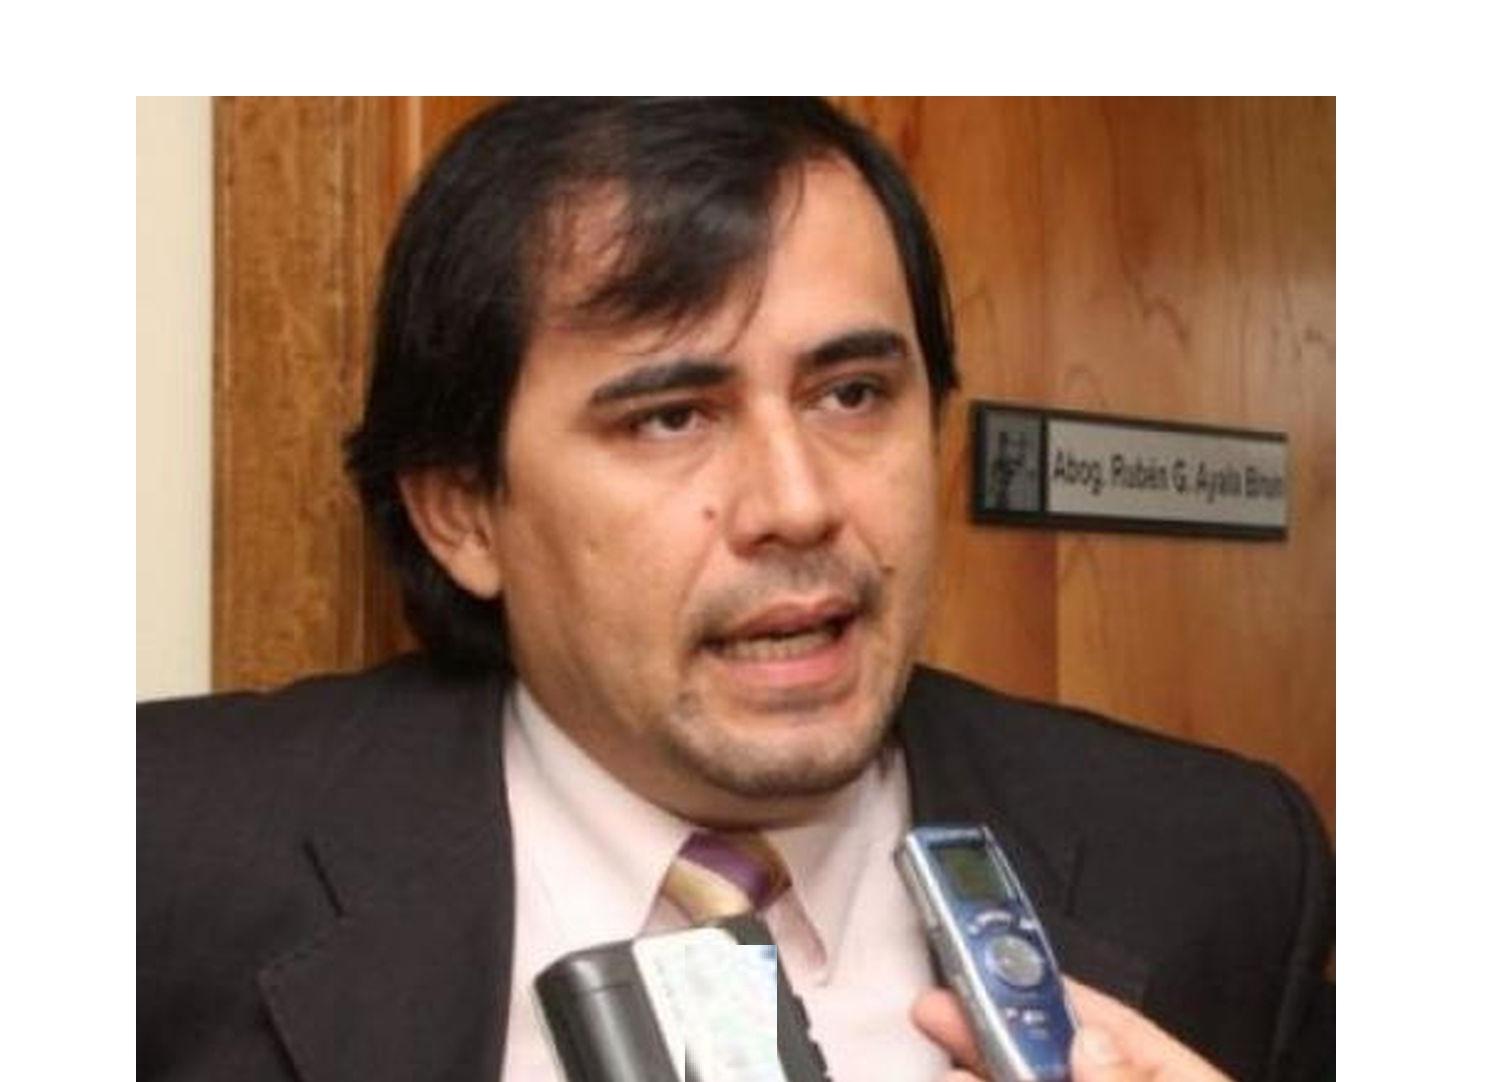 """Juez anuncia renuncia al cargo """"cansado de injusticias y presiones"""""""